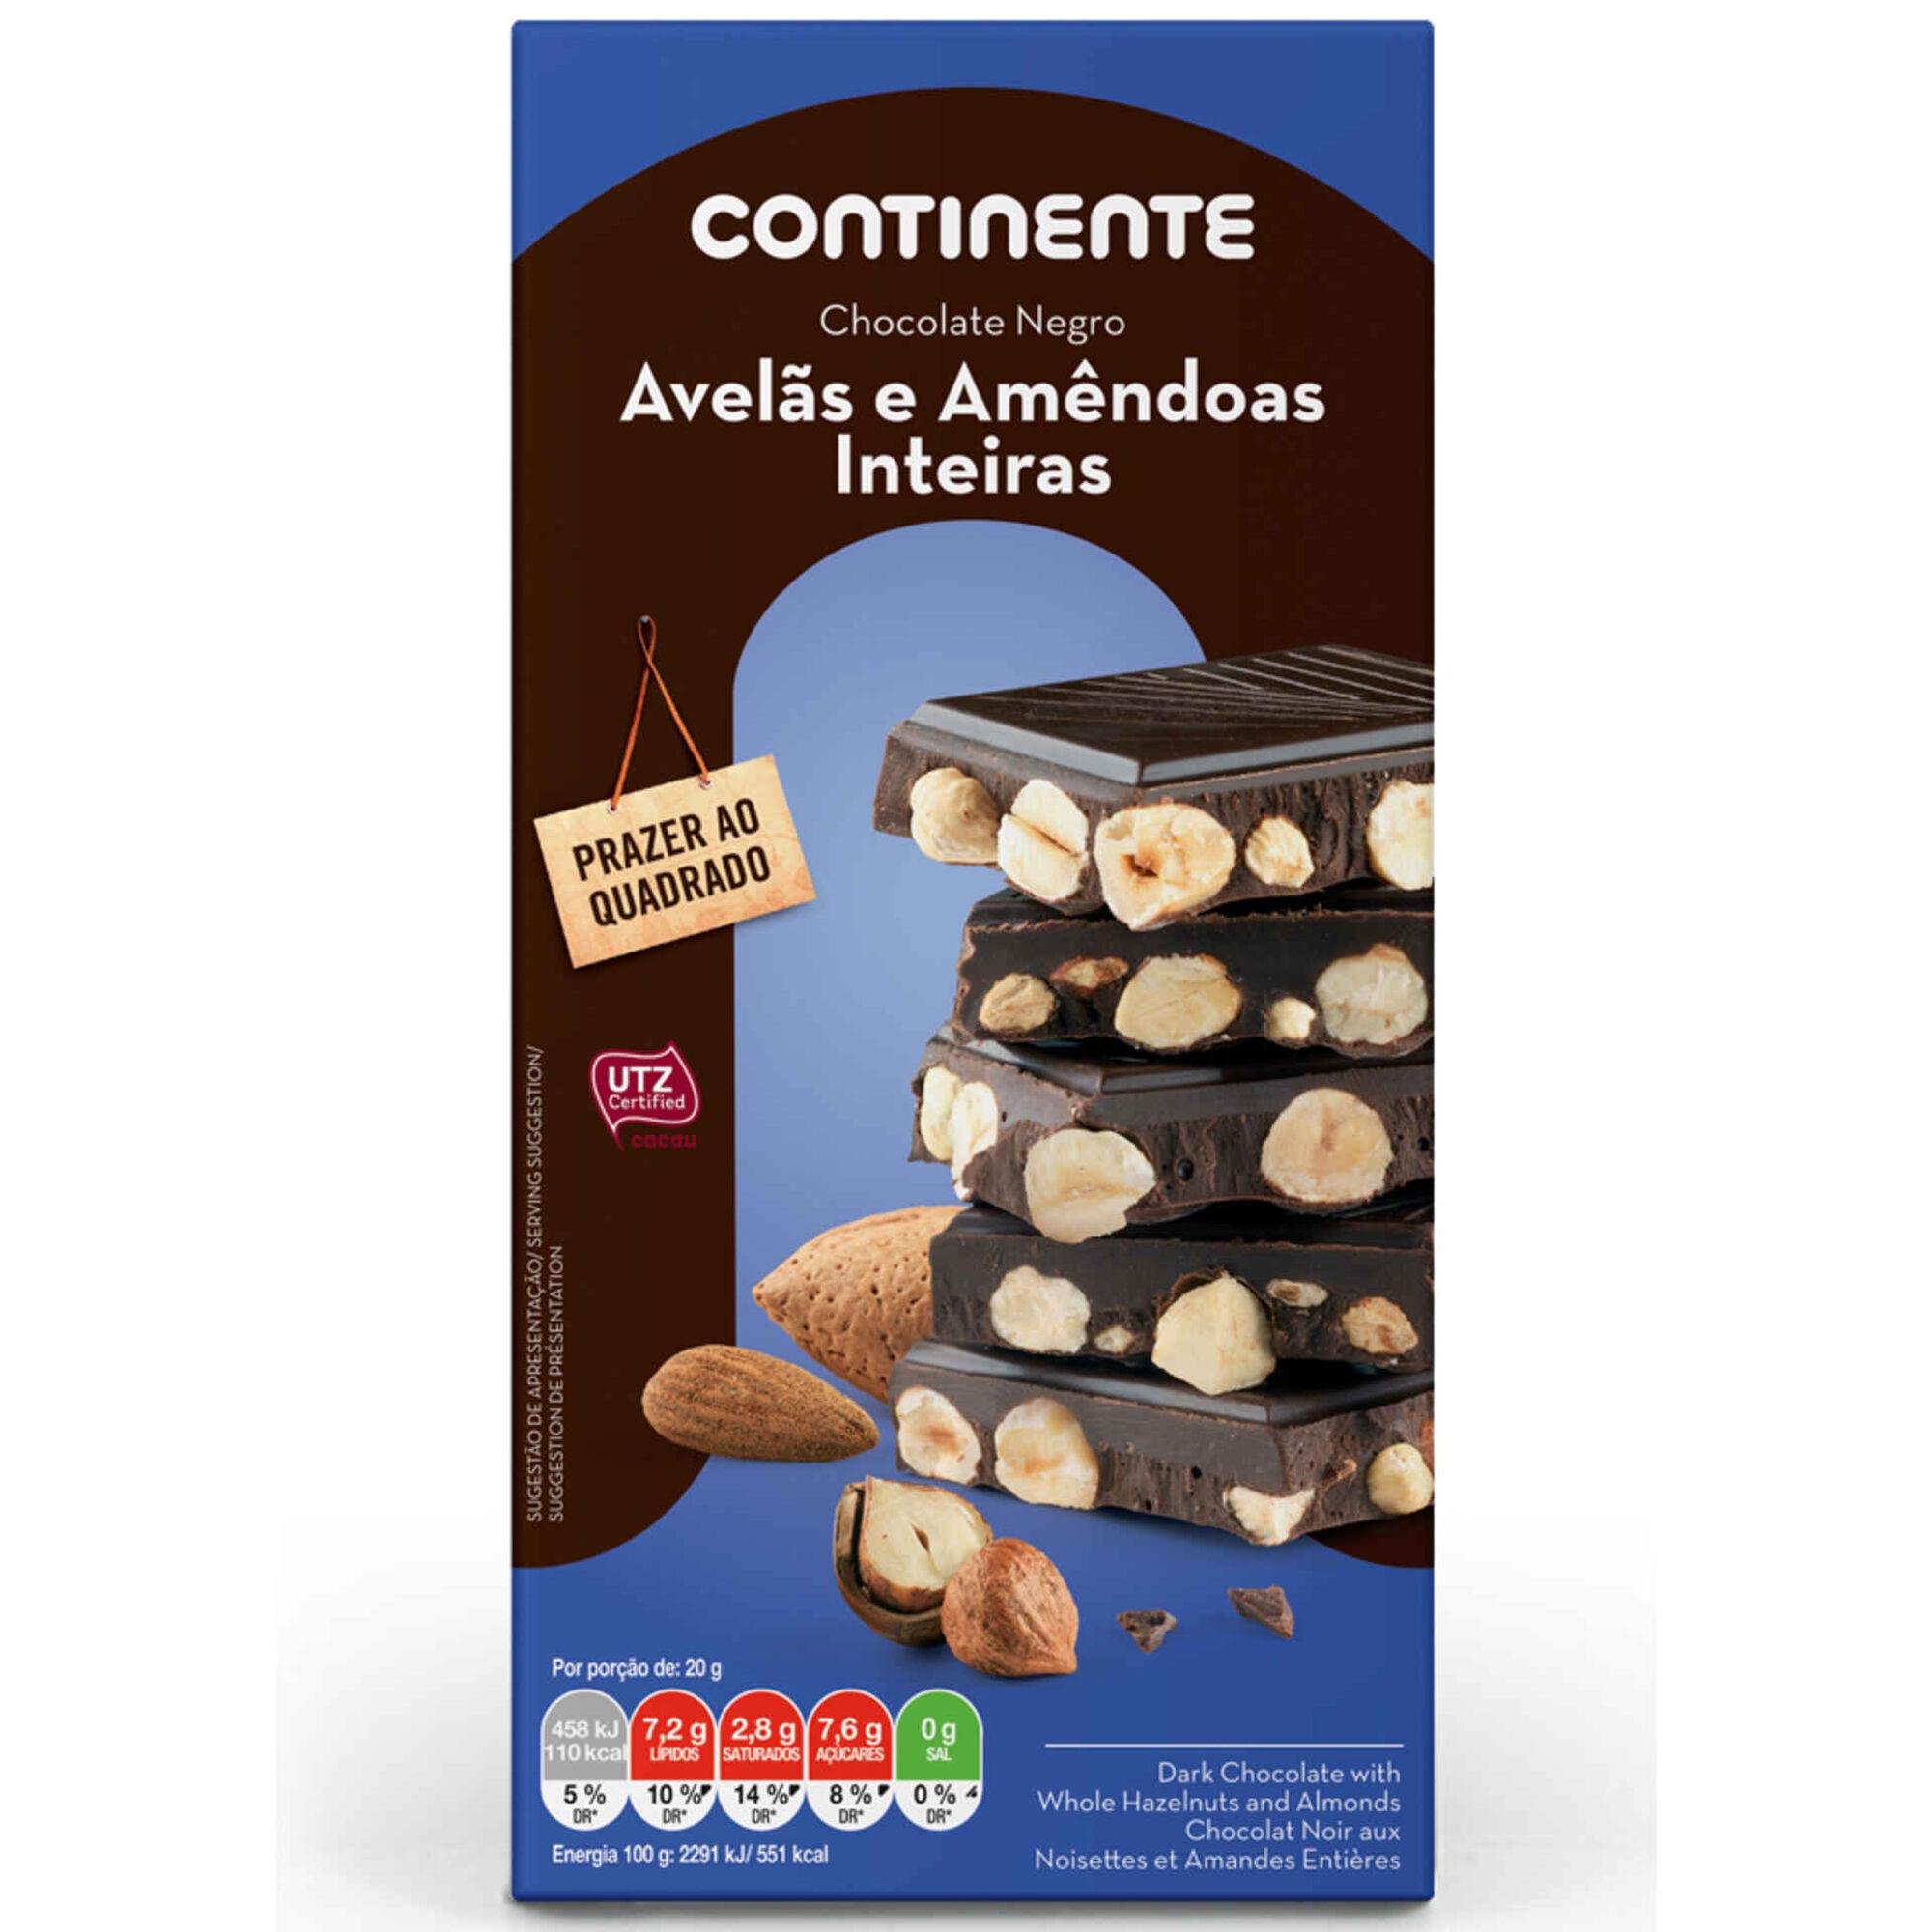 Tablete de Chocolate Negro com Avelãs e Amêndoas